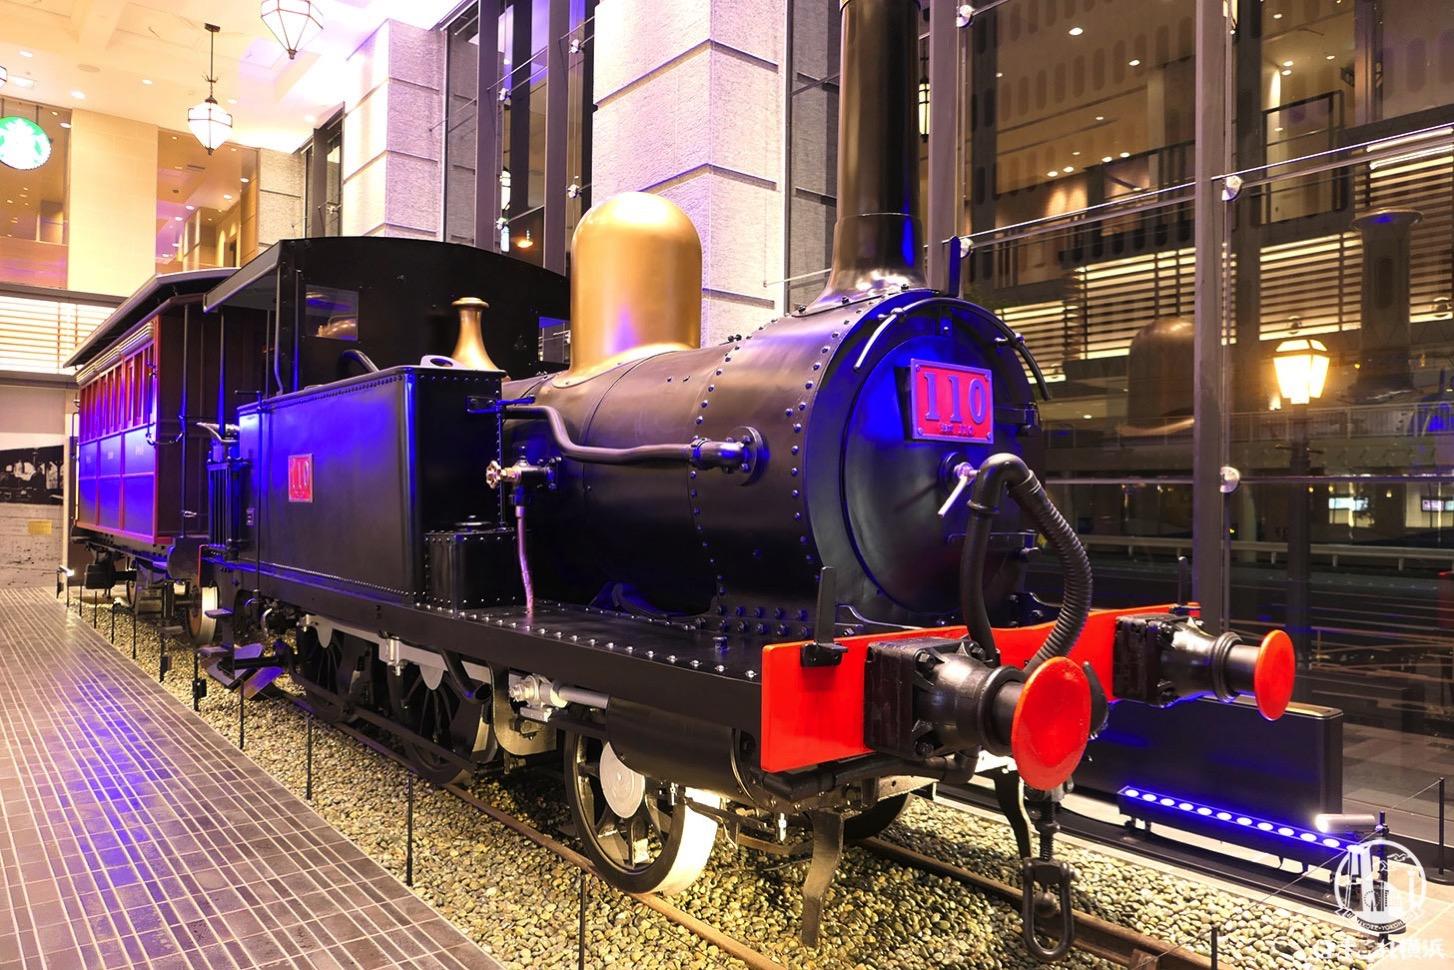 桜木町駅新南口に蒸気機関車やジオラマ、旧横濱鉄道歴史展示「旧横ギャラリー」が充実!